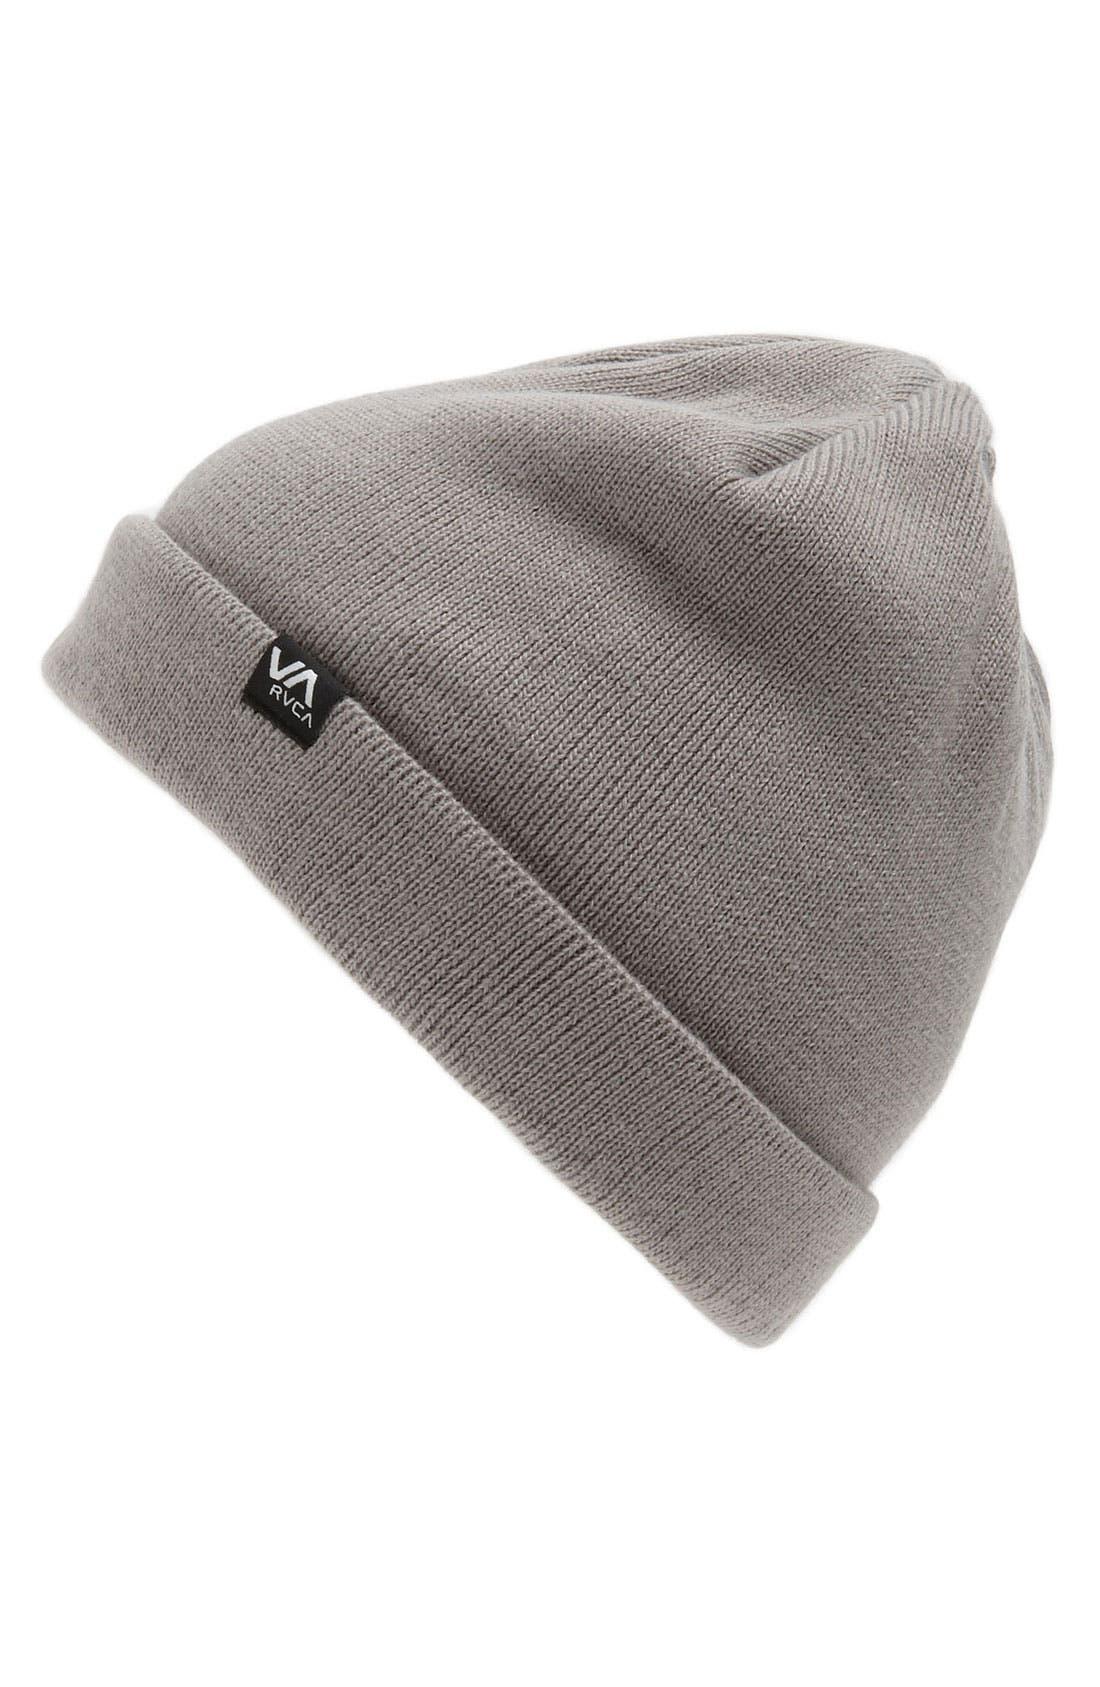 Main Image - RVCA 'Scrap' Knit Cap